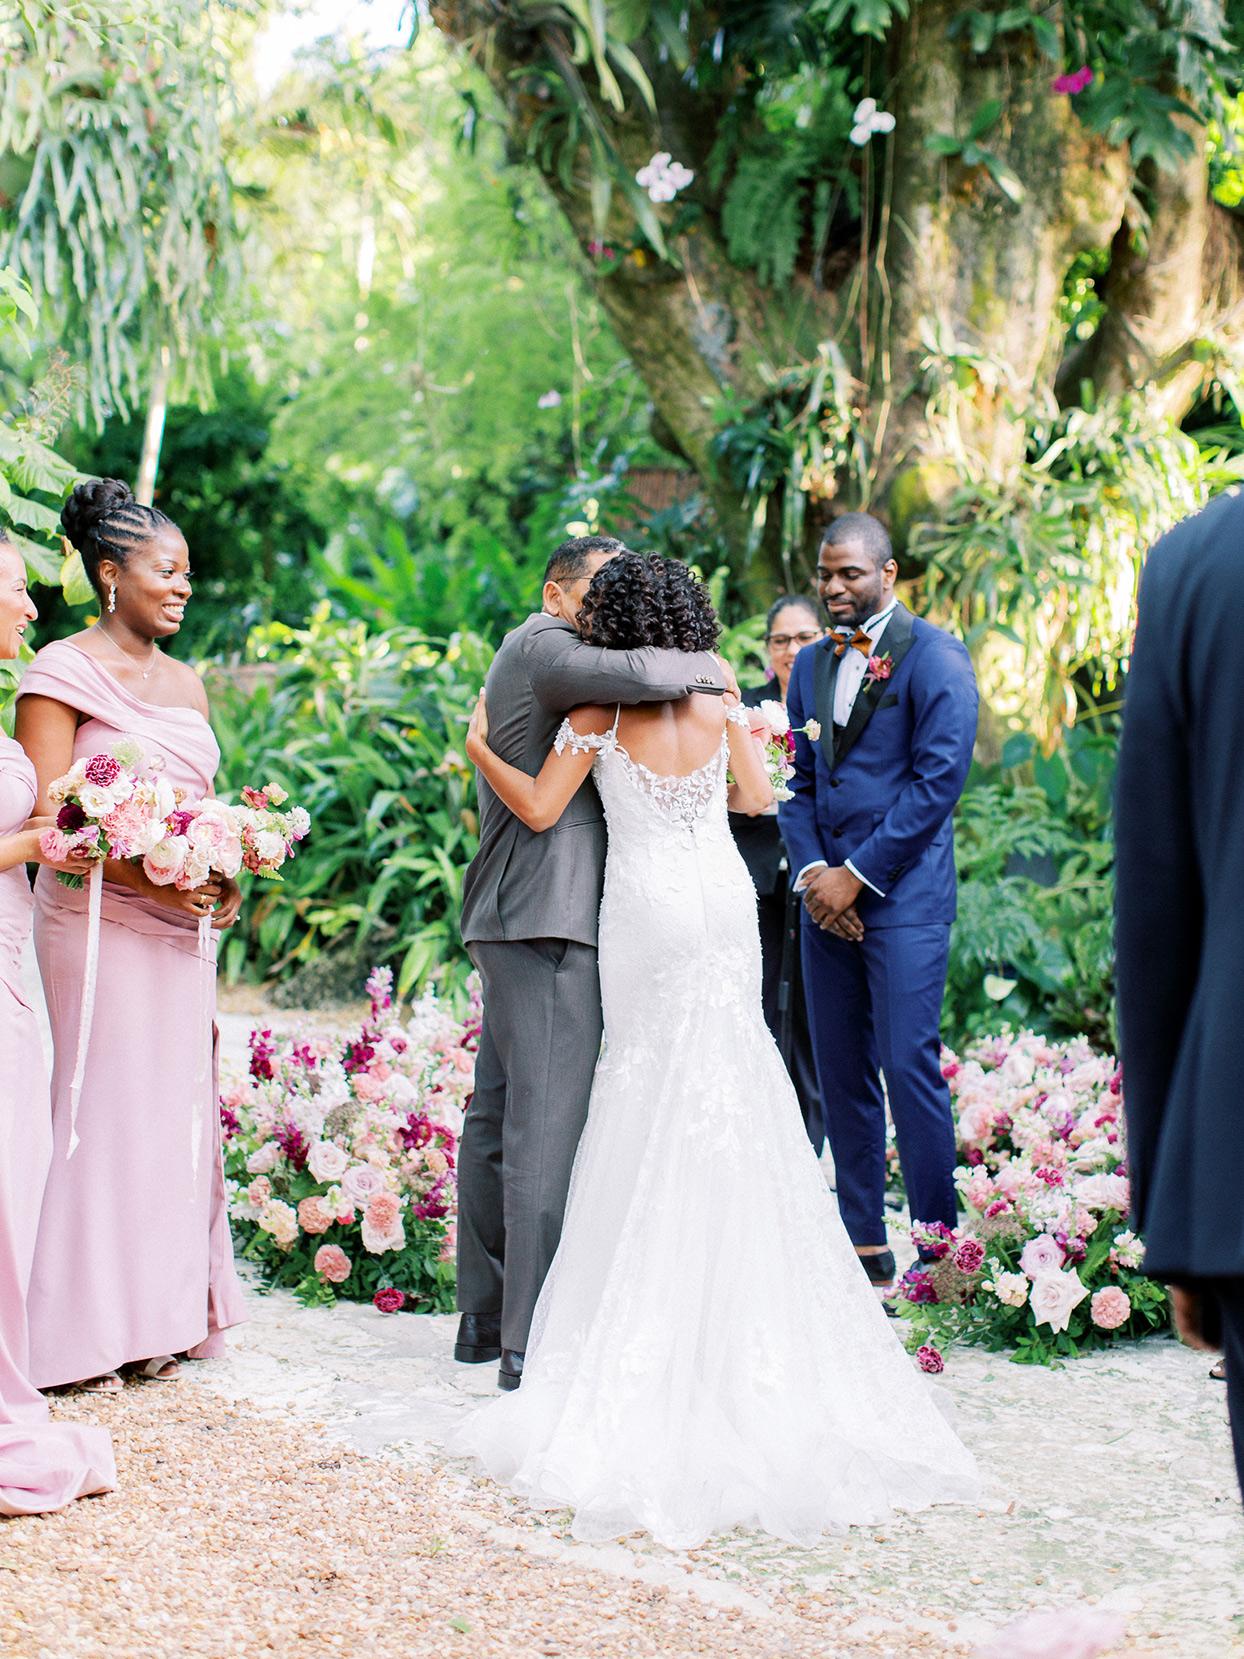 melissa lindsey wedding ceremony couple embrace